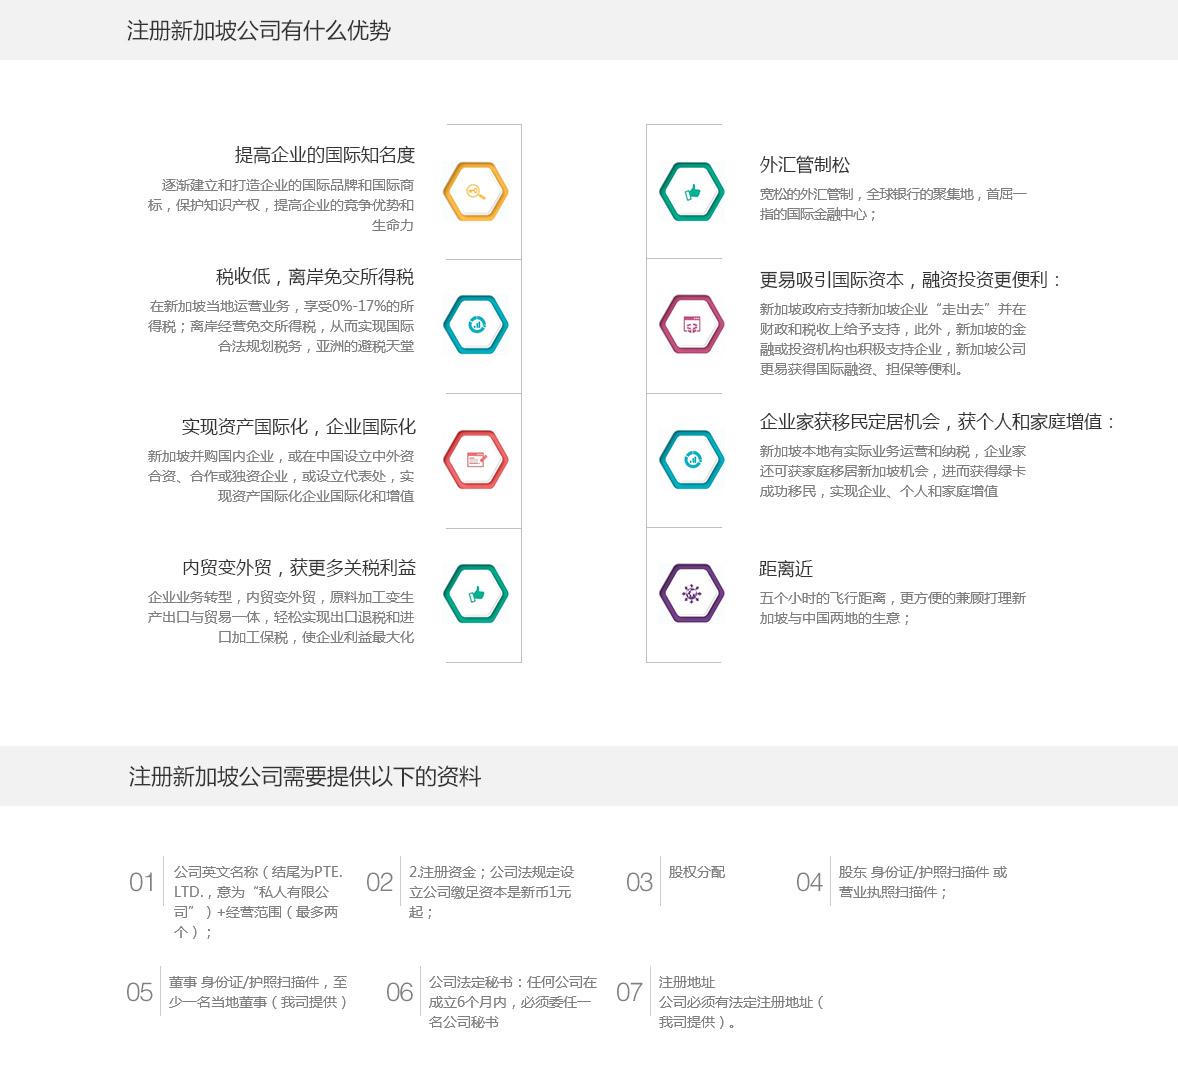 注册新加坡公司有什么优势、注册新加坡公司需要提供的材料